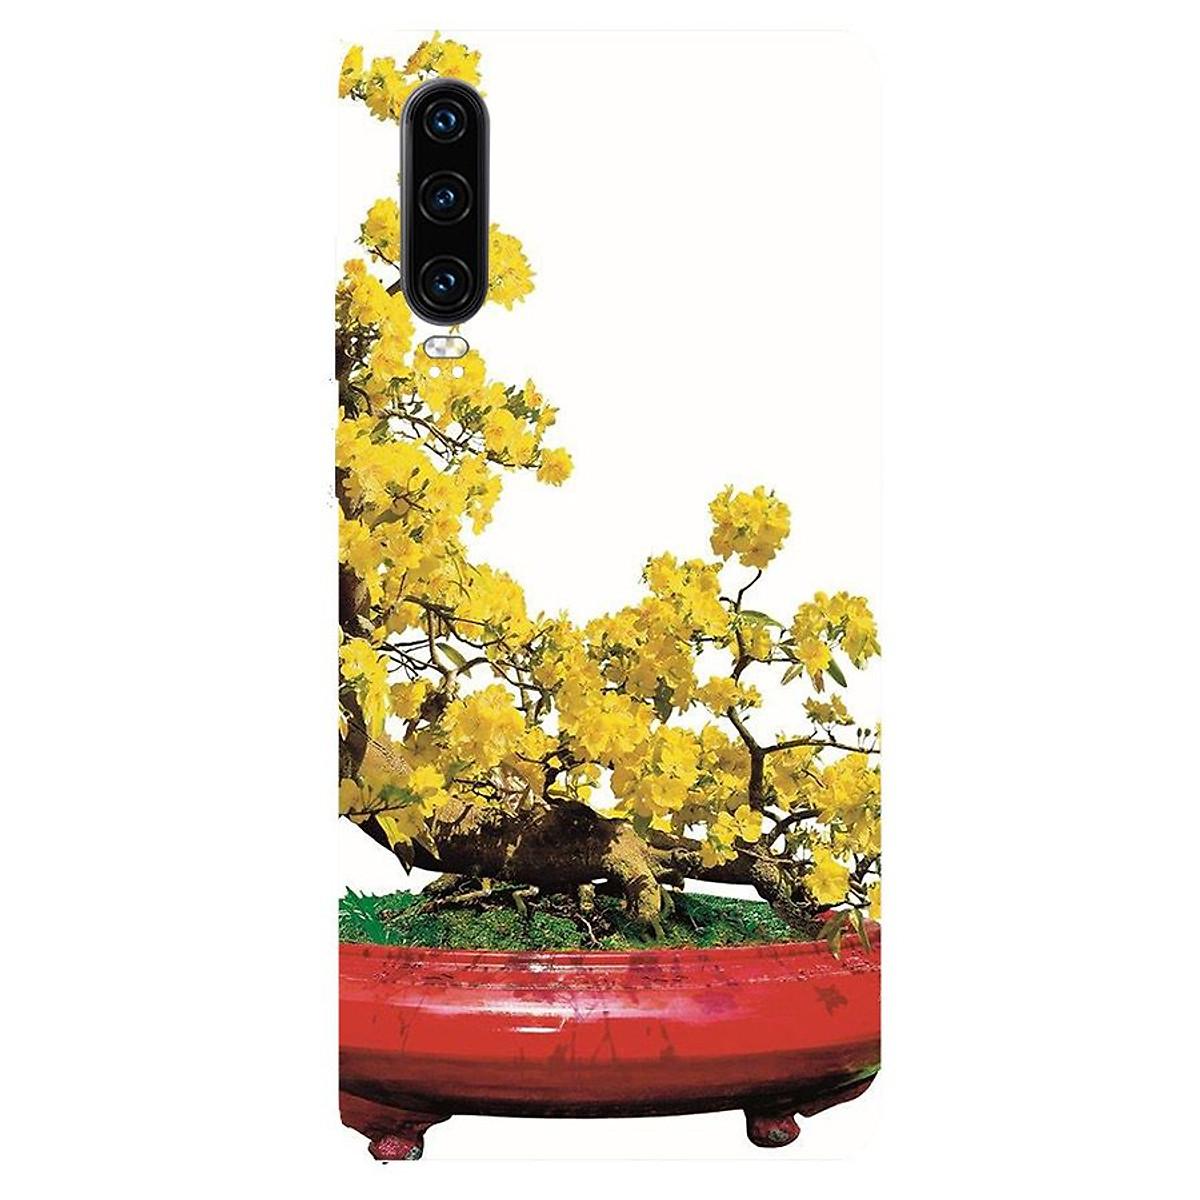 Ốp điện thoại Huawei Y7 Pro 2019 - Tranh Mai Đào MS MDAO023-Hàng Chính Hãng